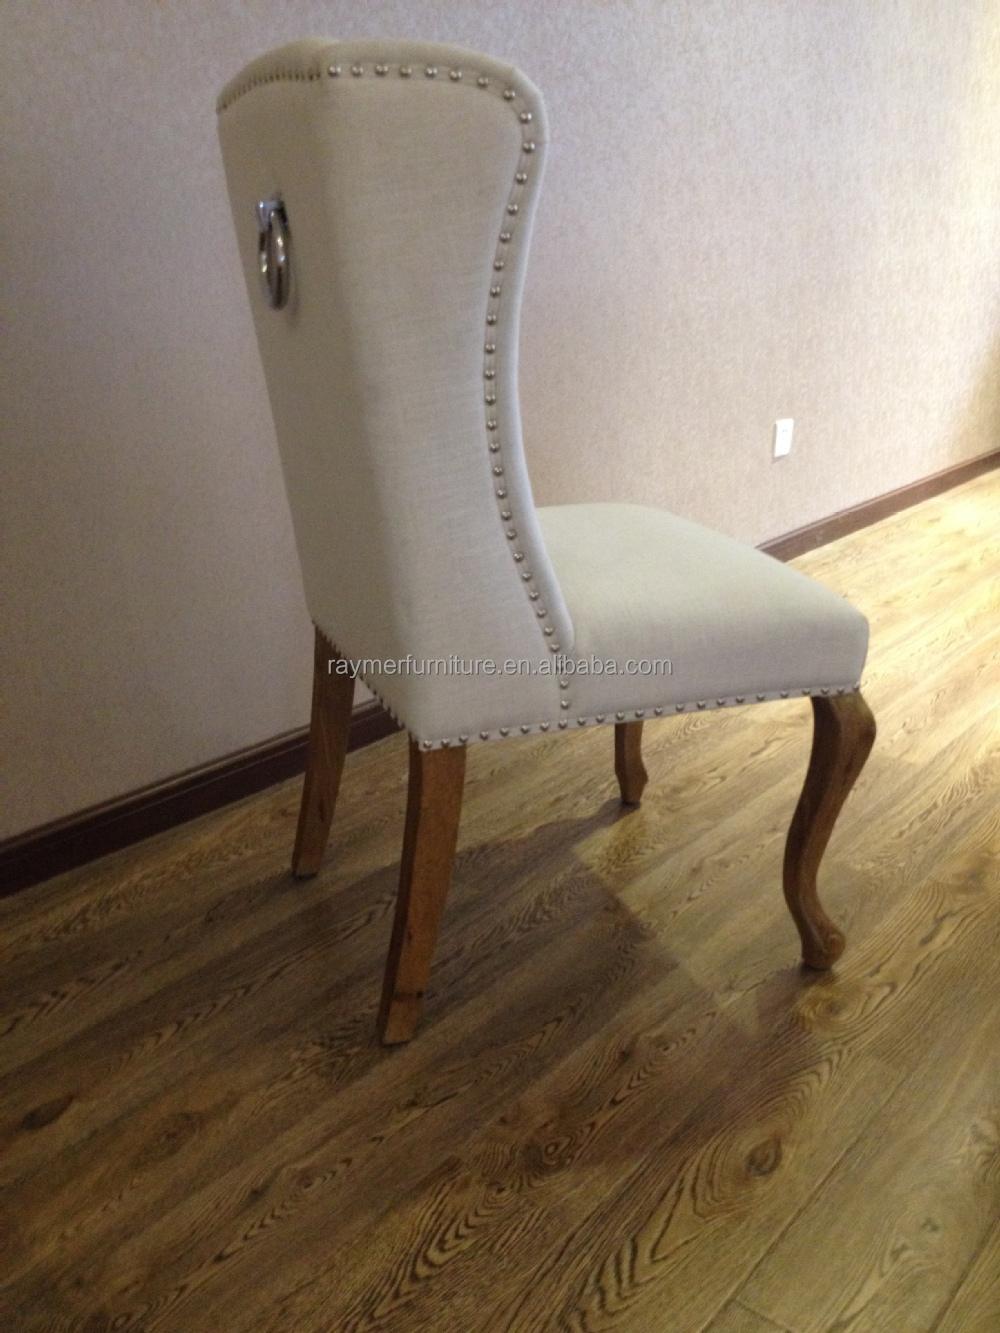 Classical White Button Tufted Velvet Ring Pull Chair Buy